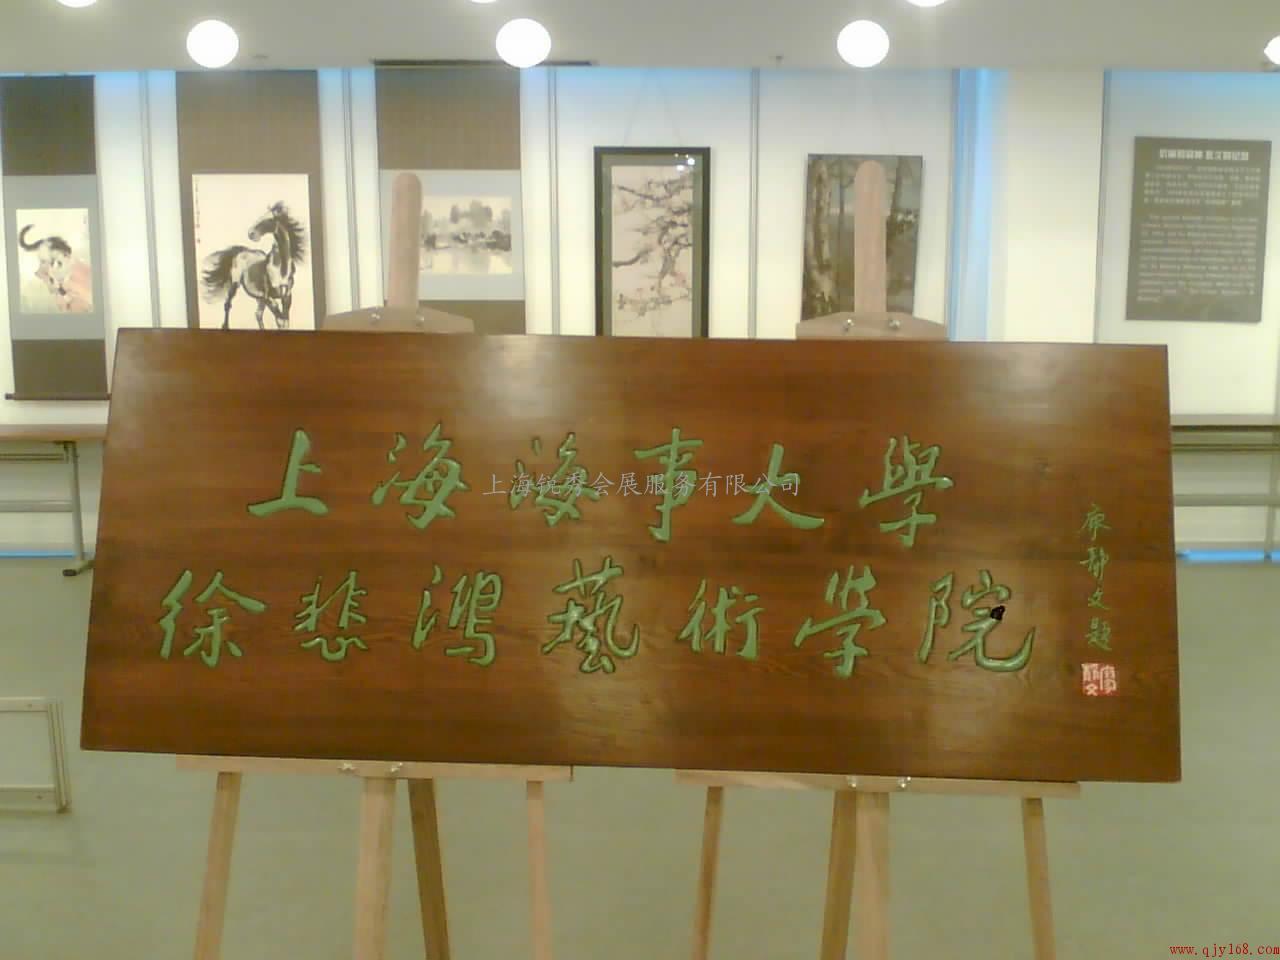 上海标准展板 展板制作 书画展板 摄影展板租赁